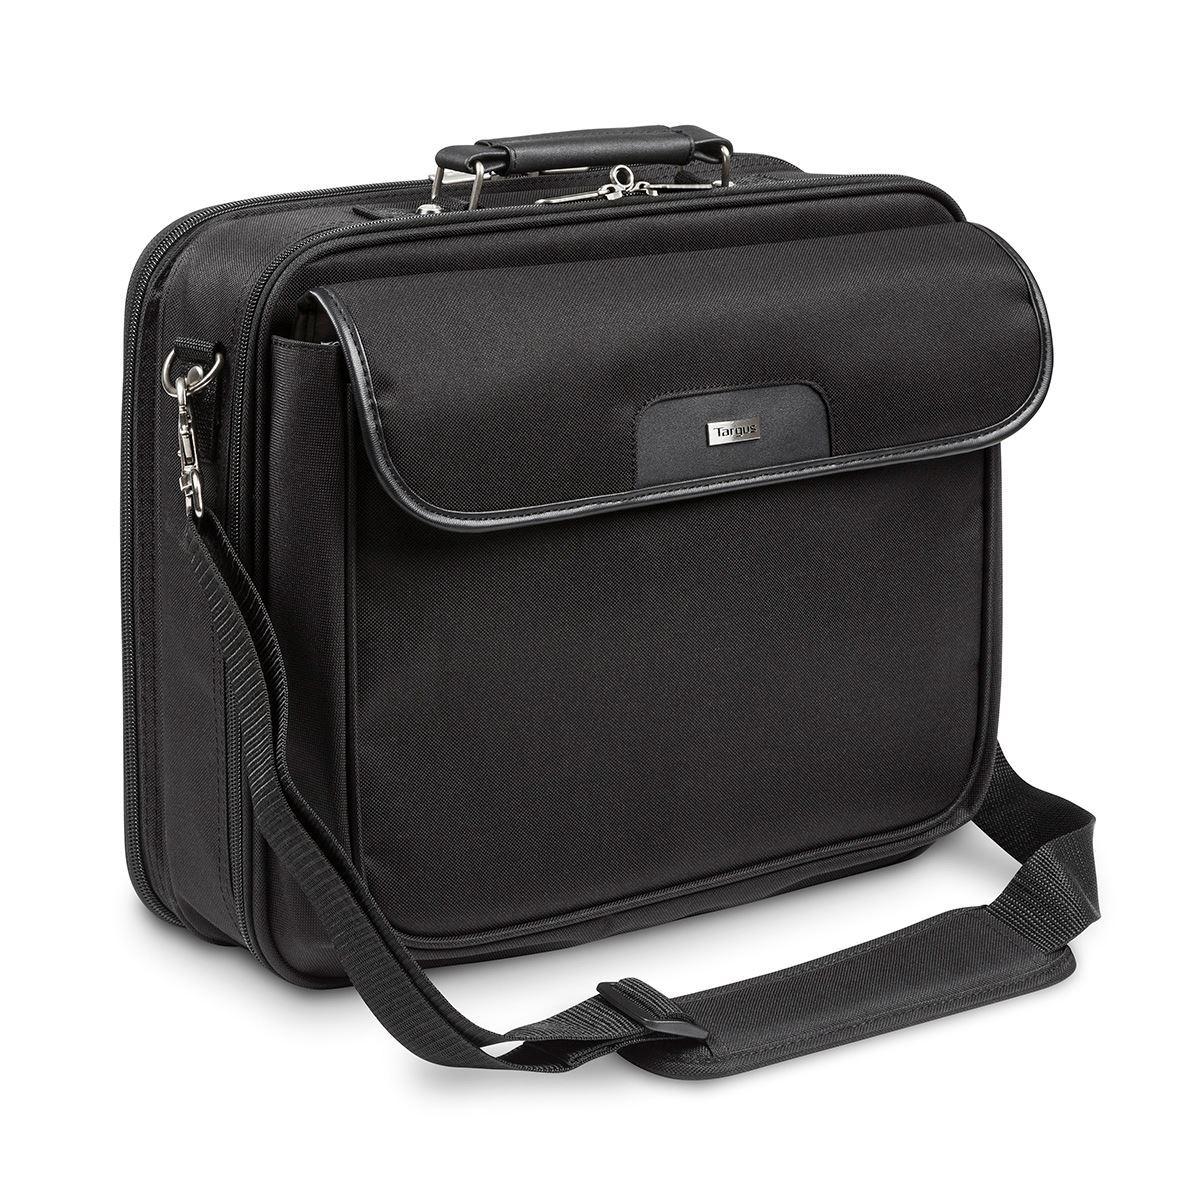 notepac plus clamshell sacoche pour ordinateur portable 15 6 noir. Black Bedroom Furniture Sets. Home Design Ideas